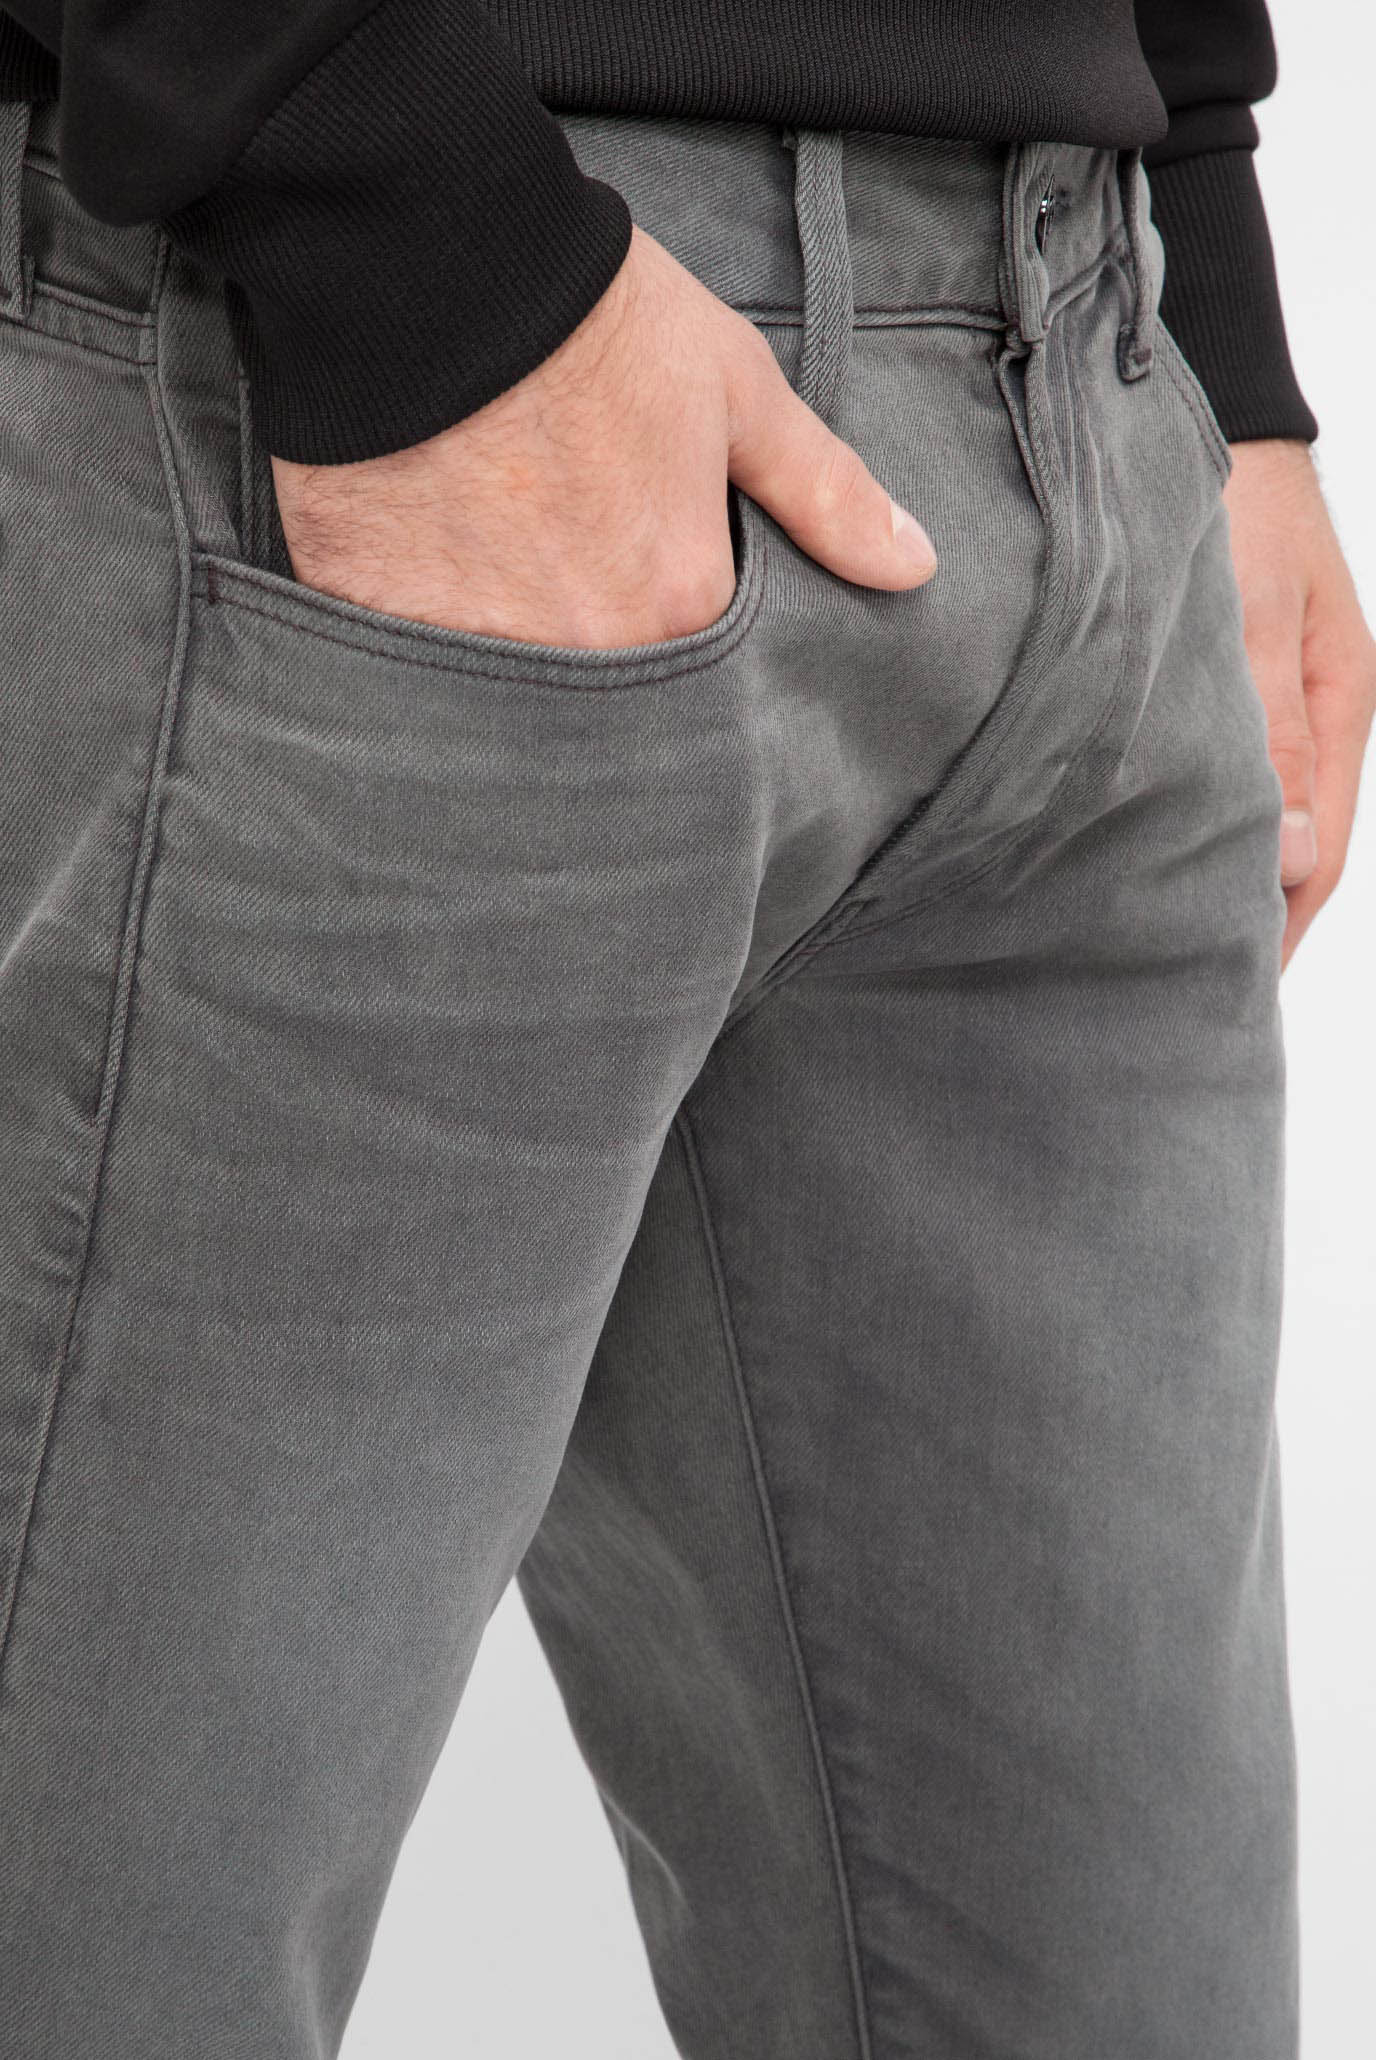 Купить Мужские серые джинсы Deconstructed Slim  G-Star RAW G-Star RAW D06188,7607 – Киев, Украина. Цены в интернет магазине MD Fashion